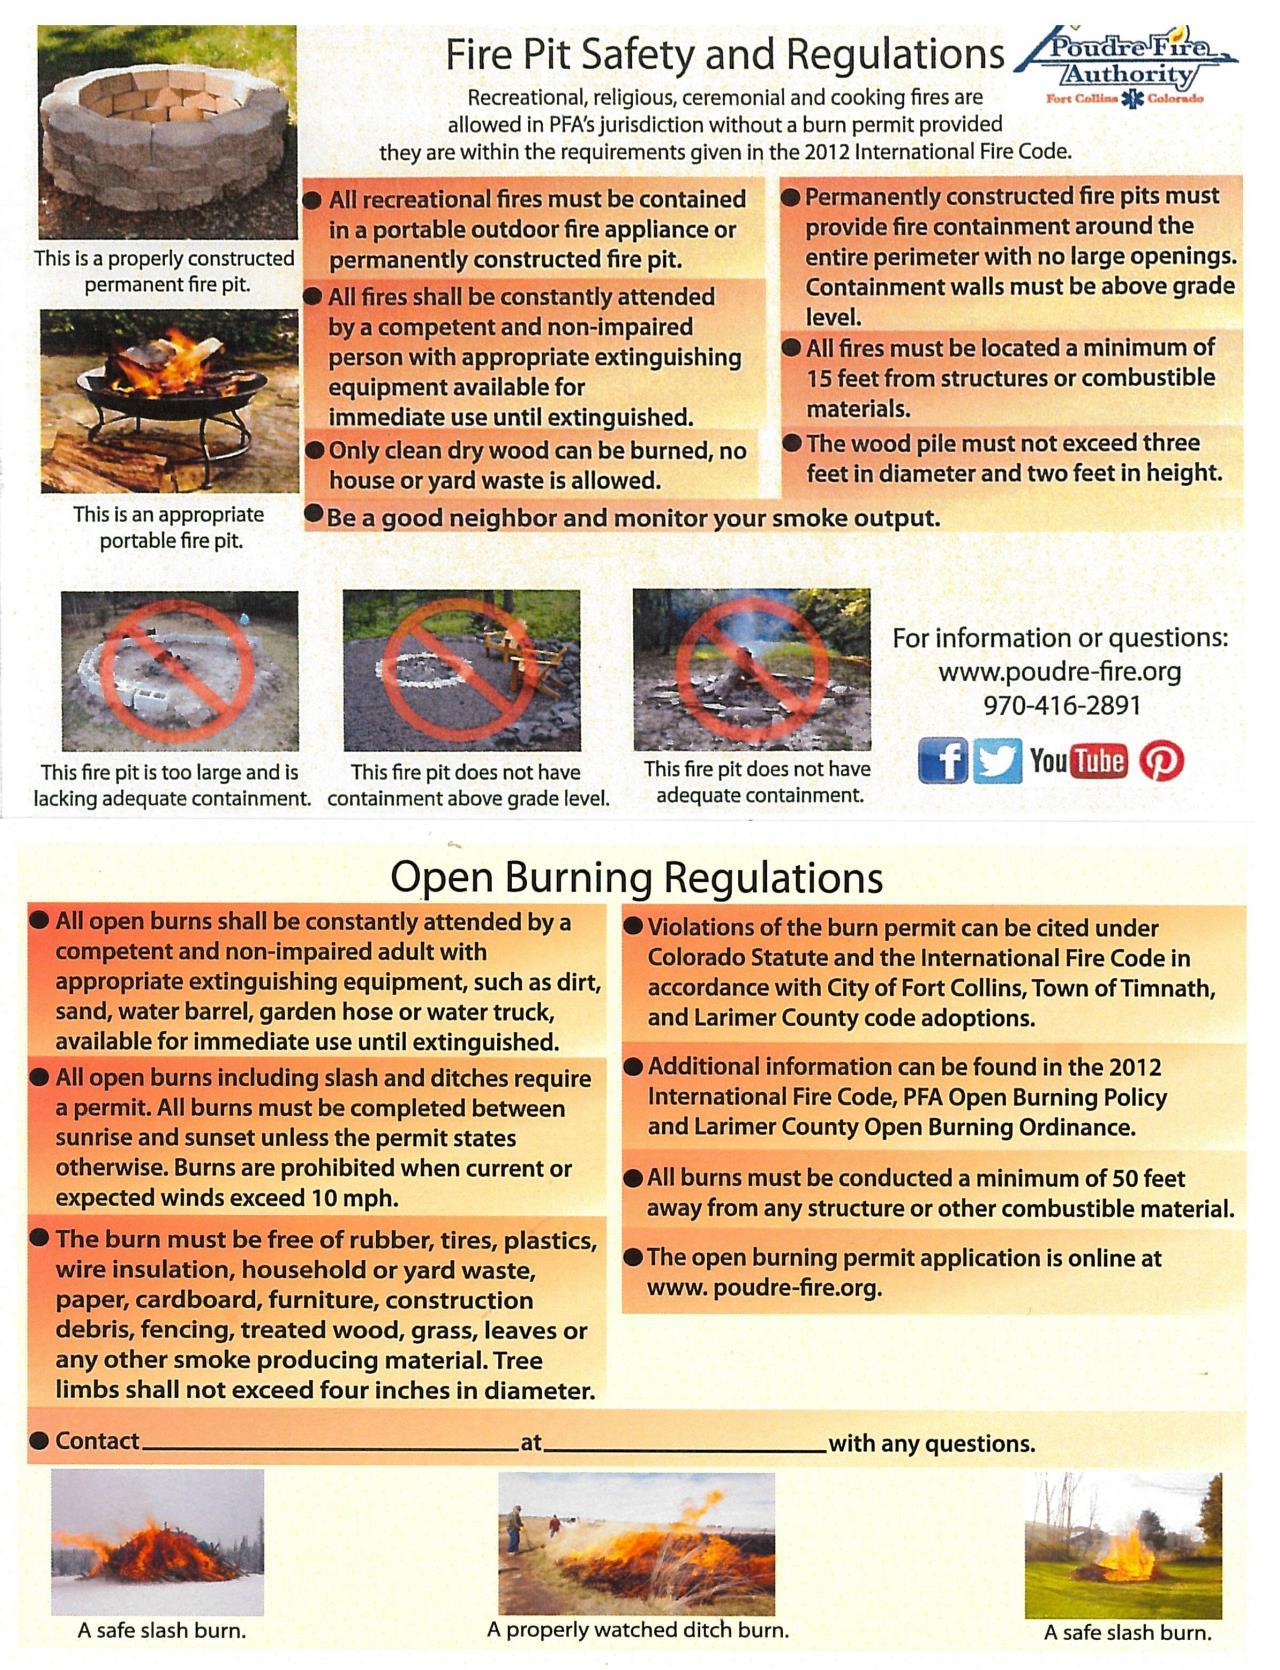 Faq List Poudre Fire Authority